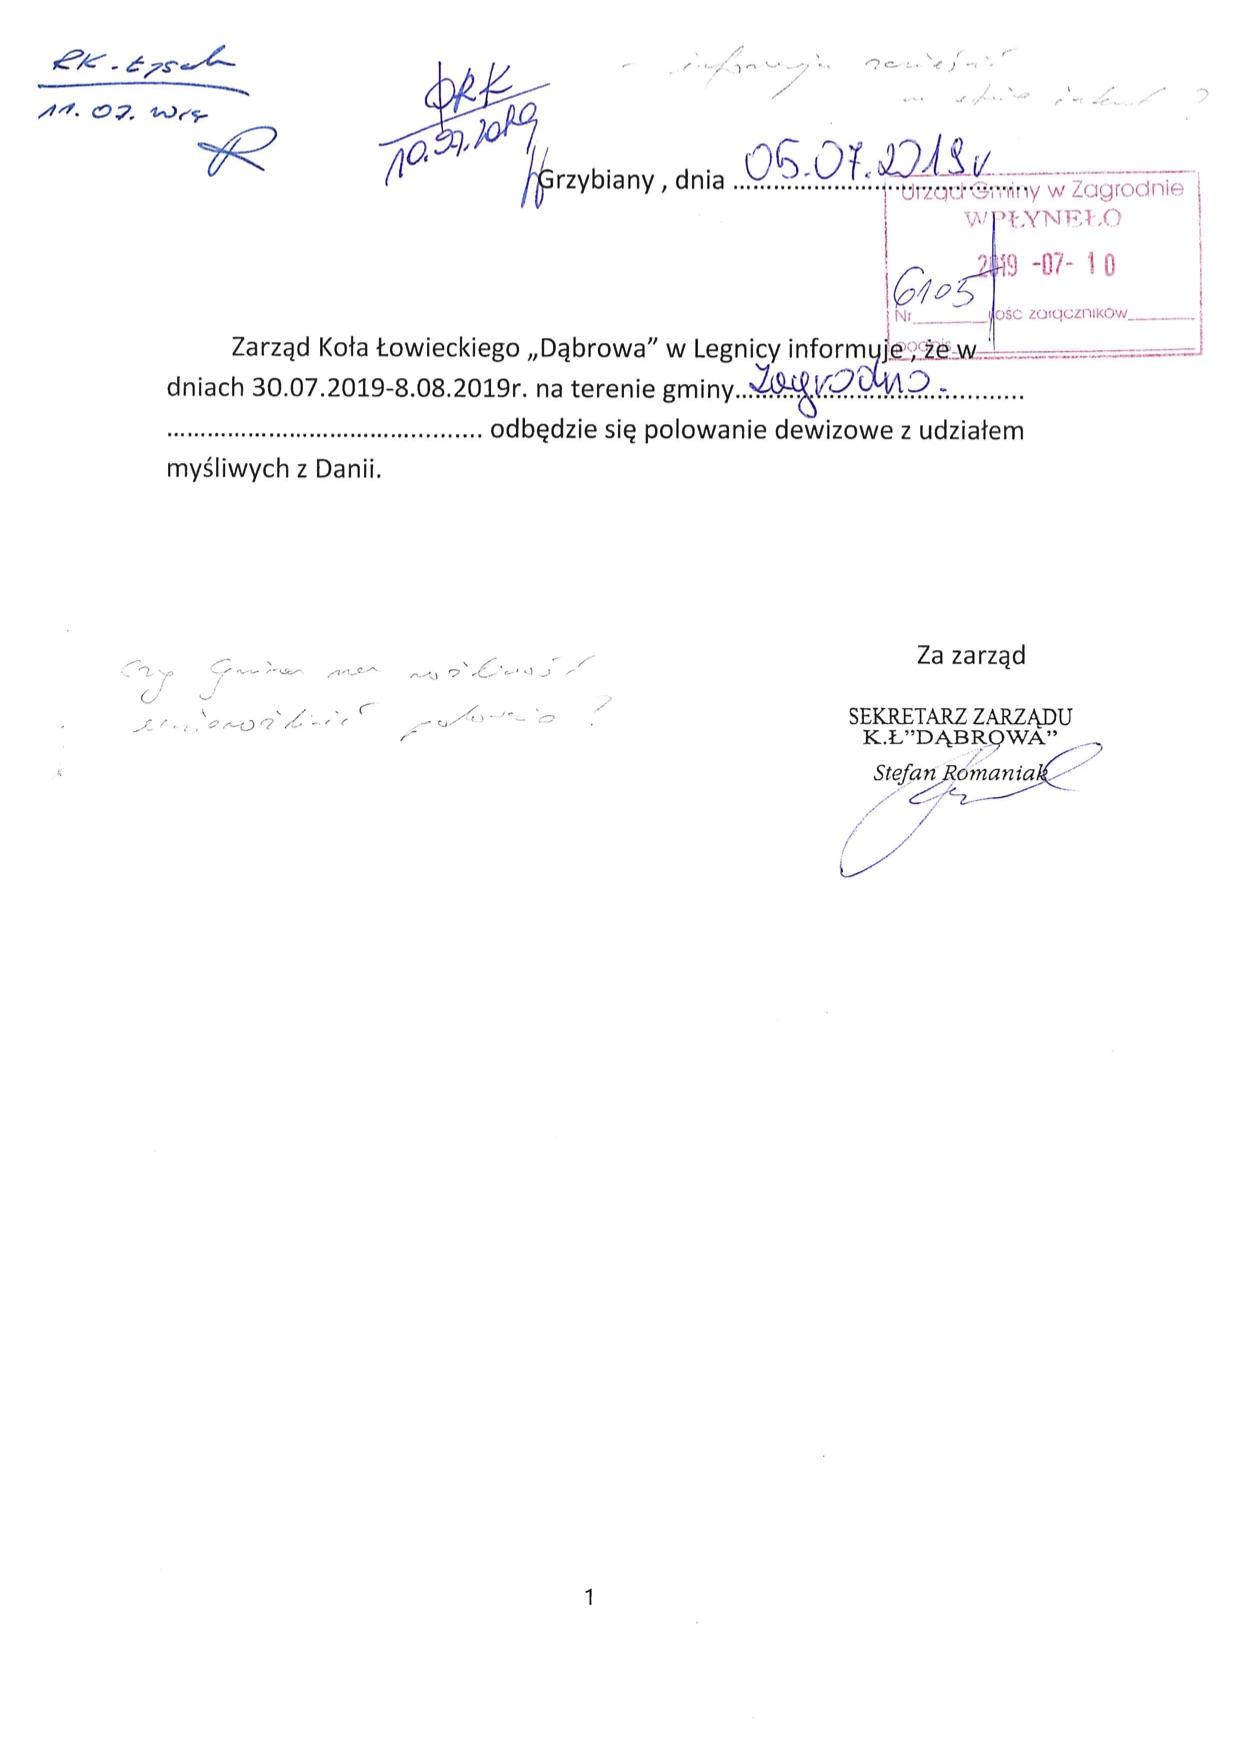 Polowanie dewizowe z udziałem myśliwych z Danii 30.07.2019-8.08.2019